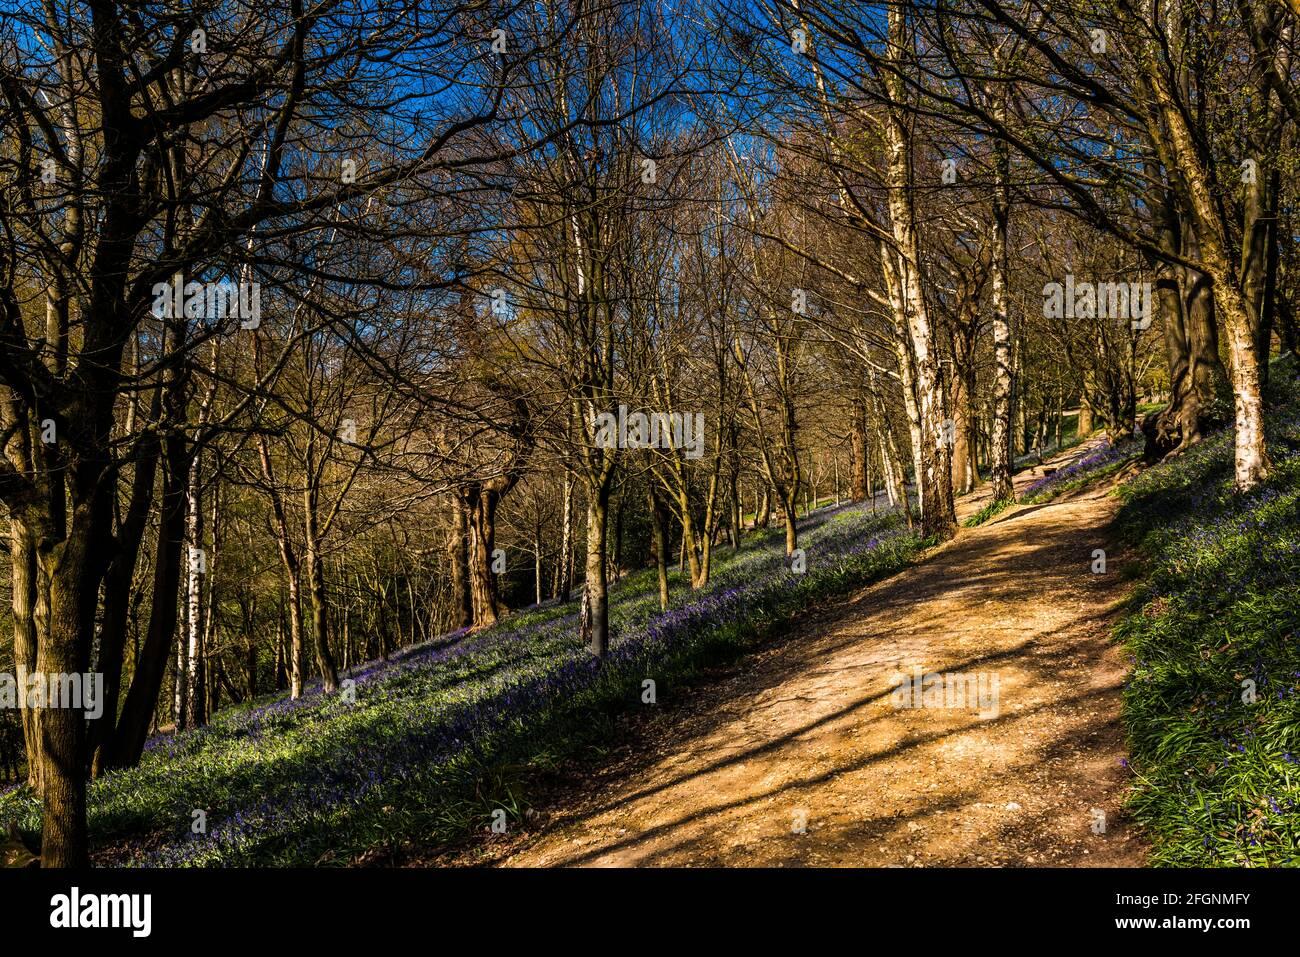 Camino en un bosque de arándanos en primavera, Emmetts Garden, Kent, Reino Unido Foto de stock